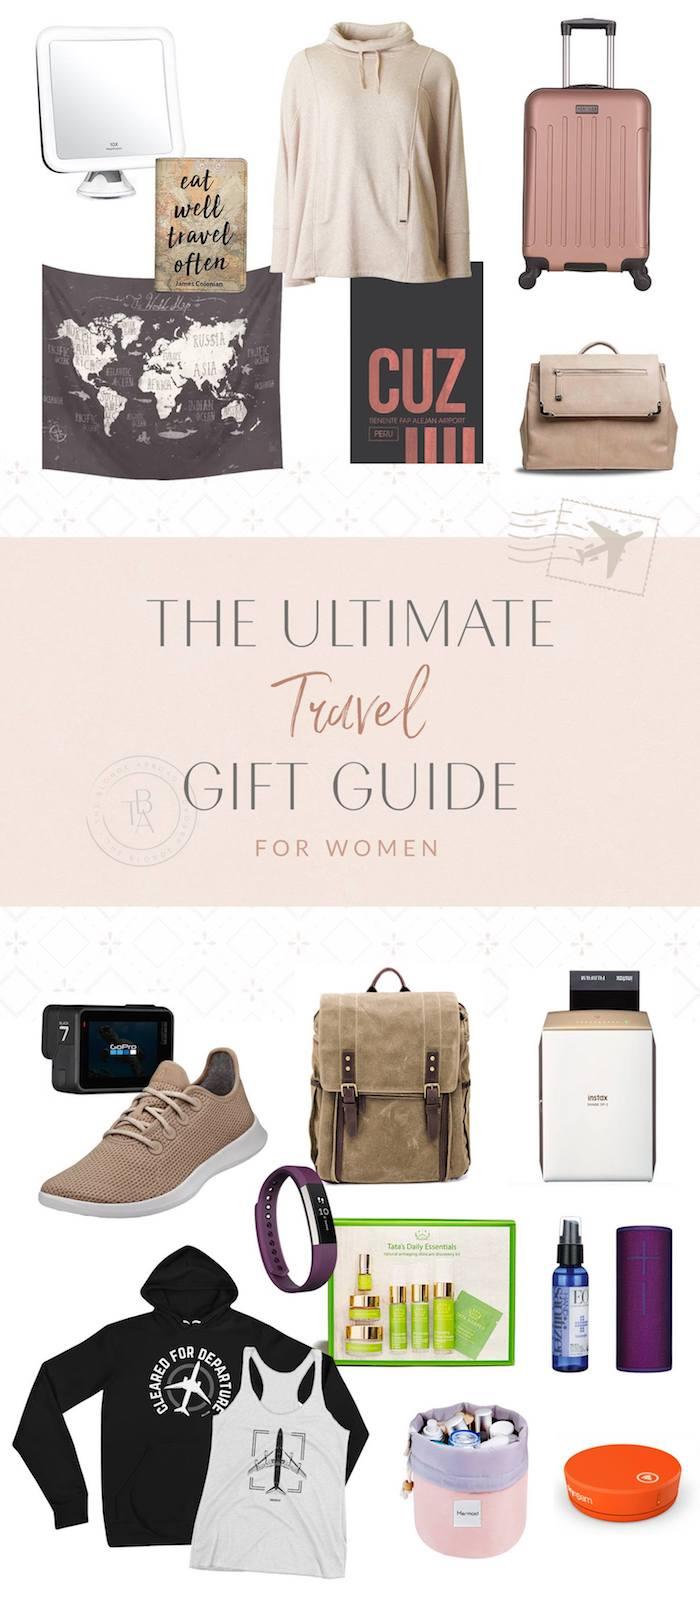 La meilleure idée cadeau voyage, milles idées inspiration cadeau original pour sa meilleure amie